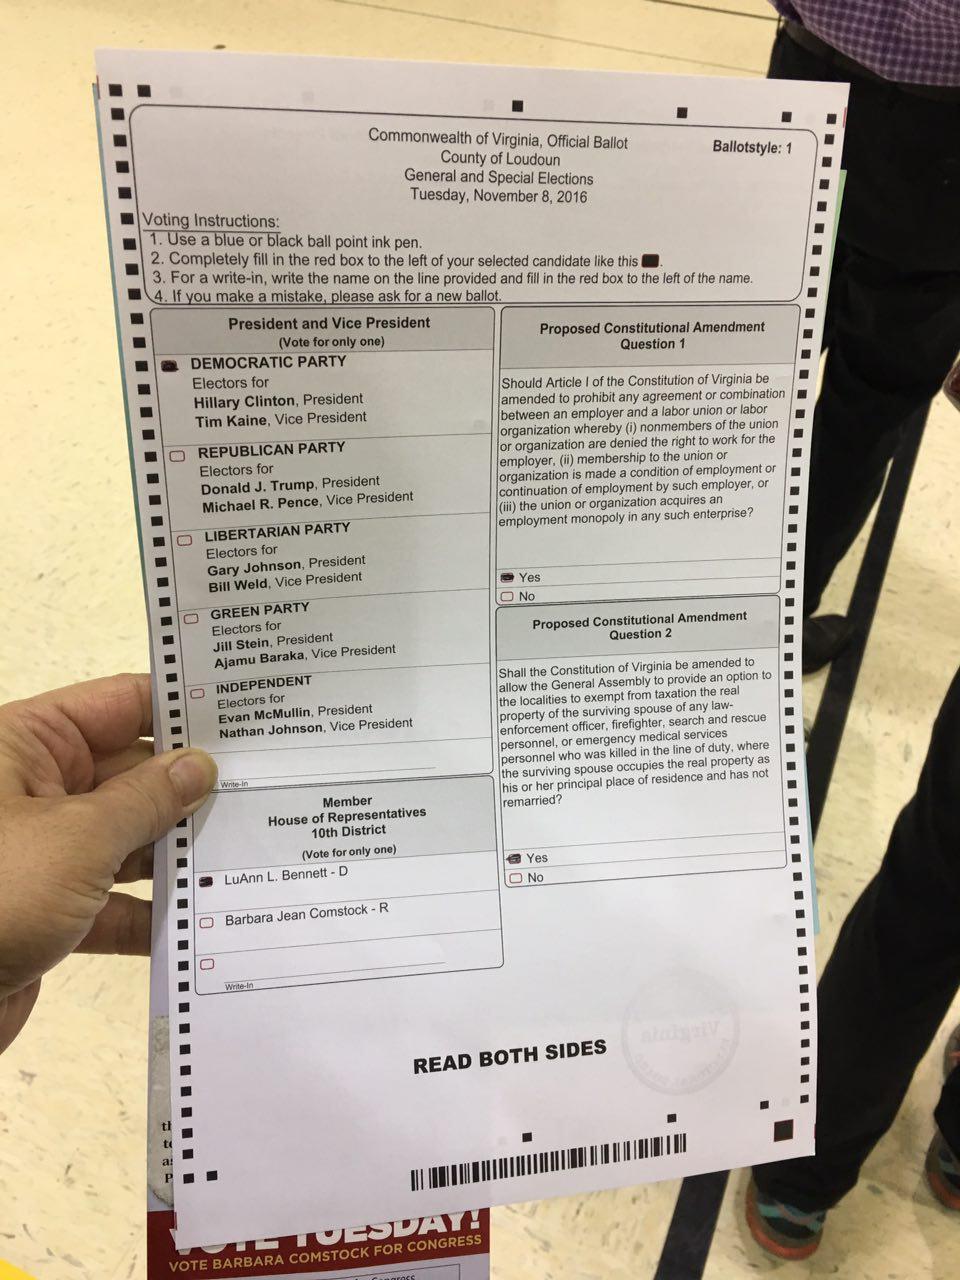 لحظه به لحظه با انتخابات آمریکا: نتایج اولیه چند ایالت به نفع کلینتون